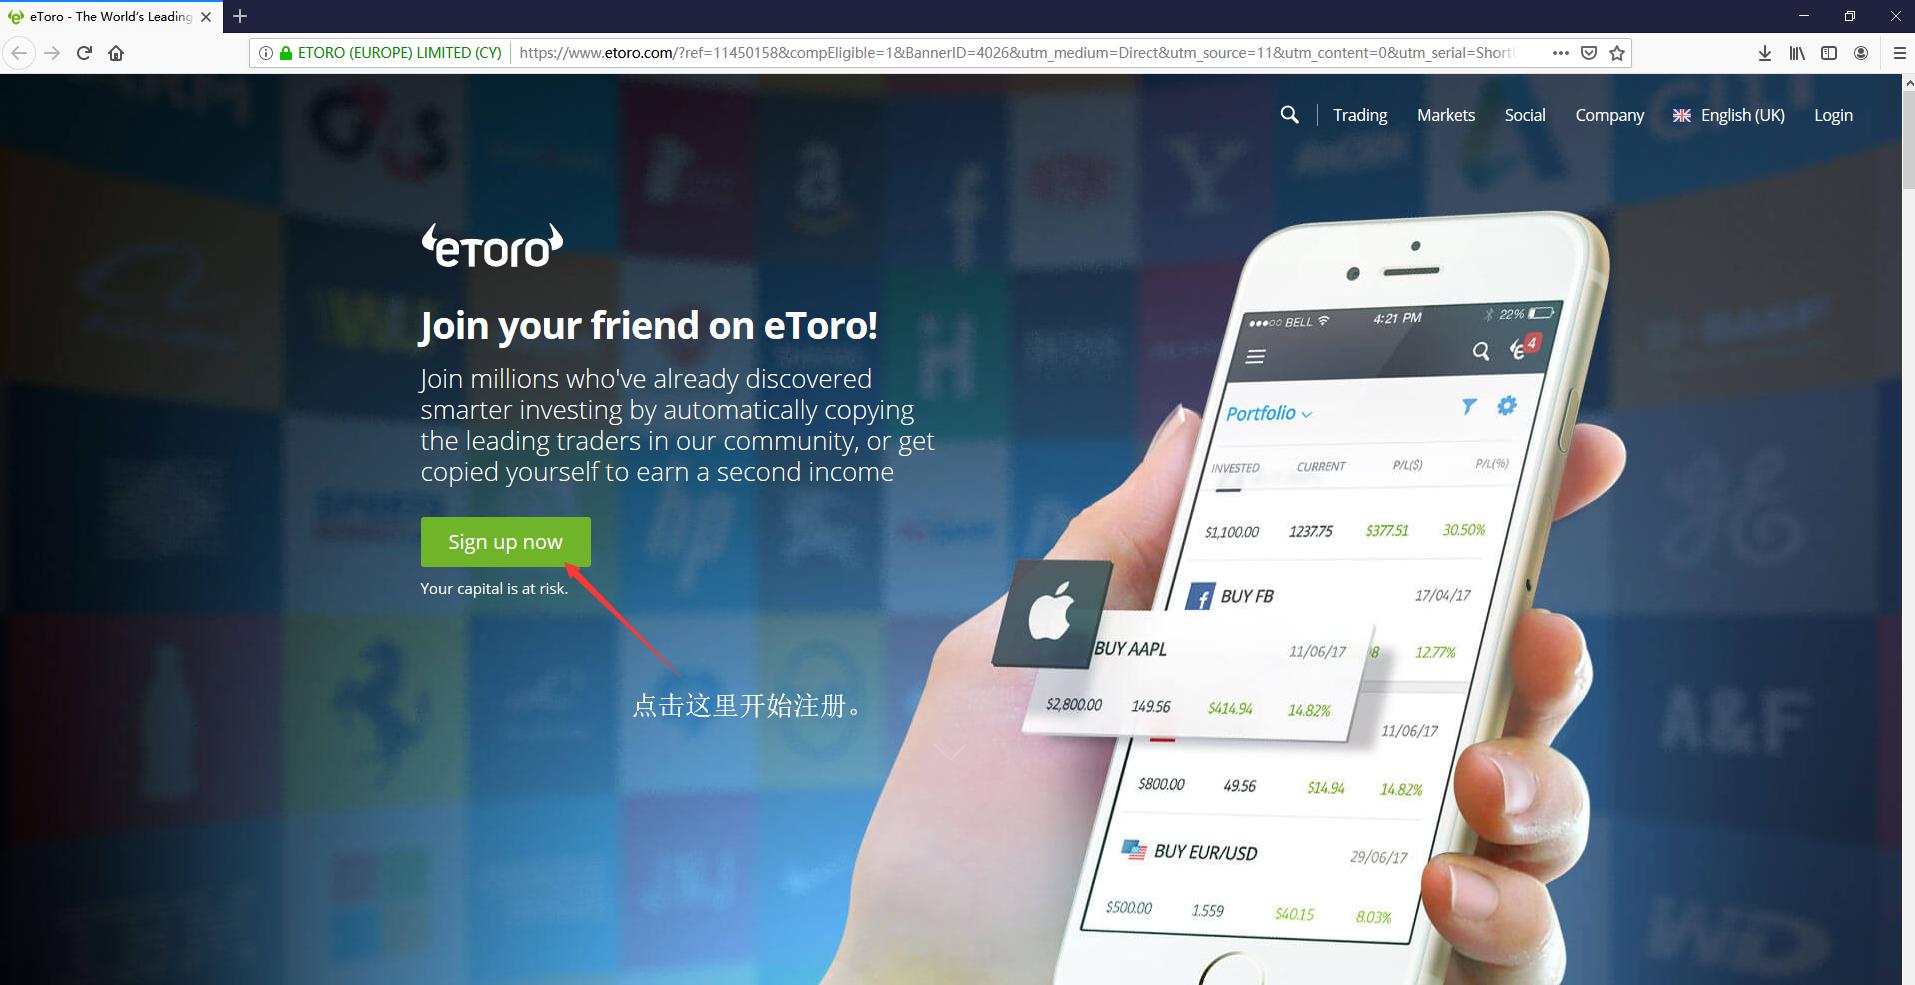 网上买美股,2020年使用etoro购买美股指南 1